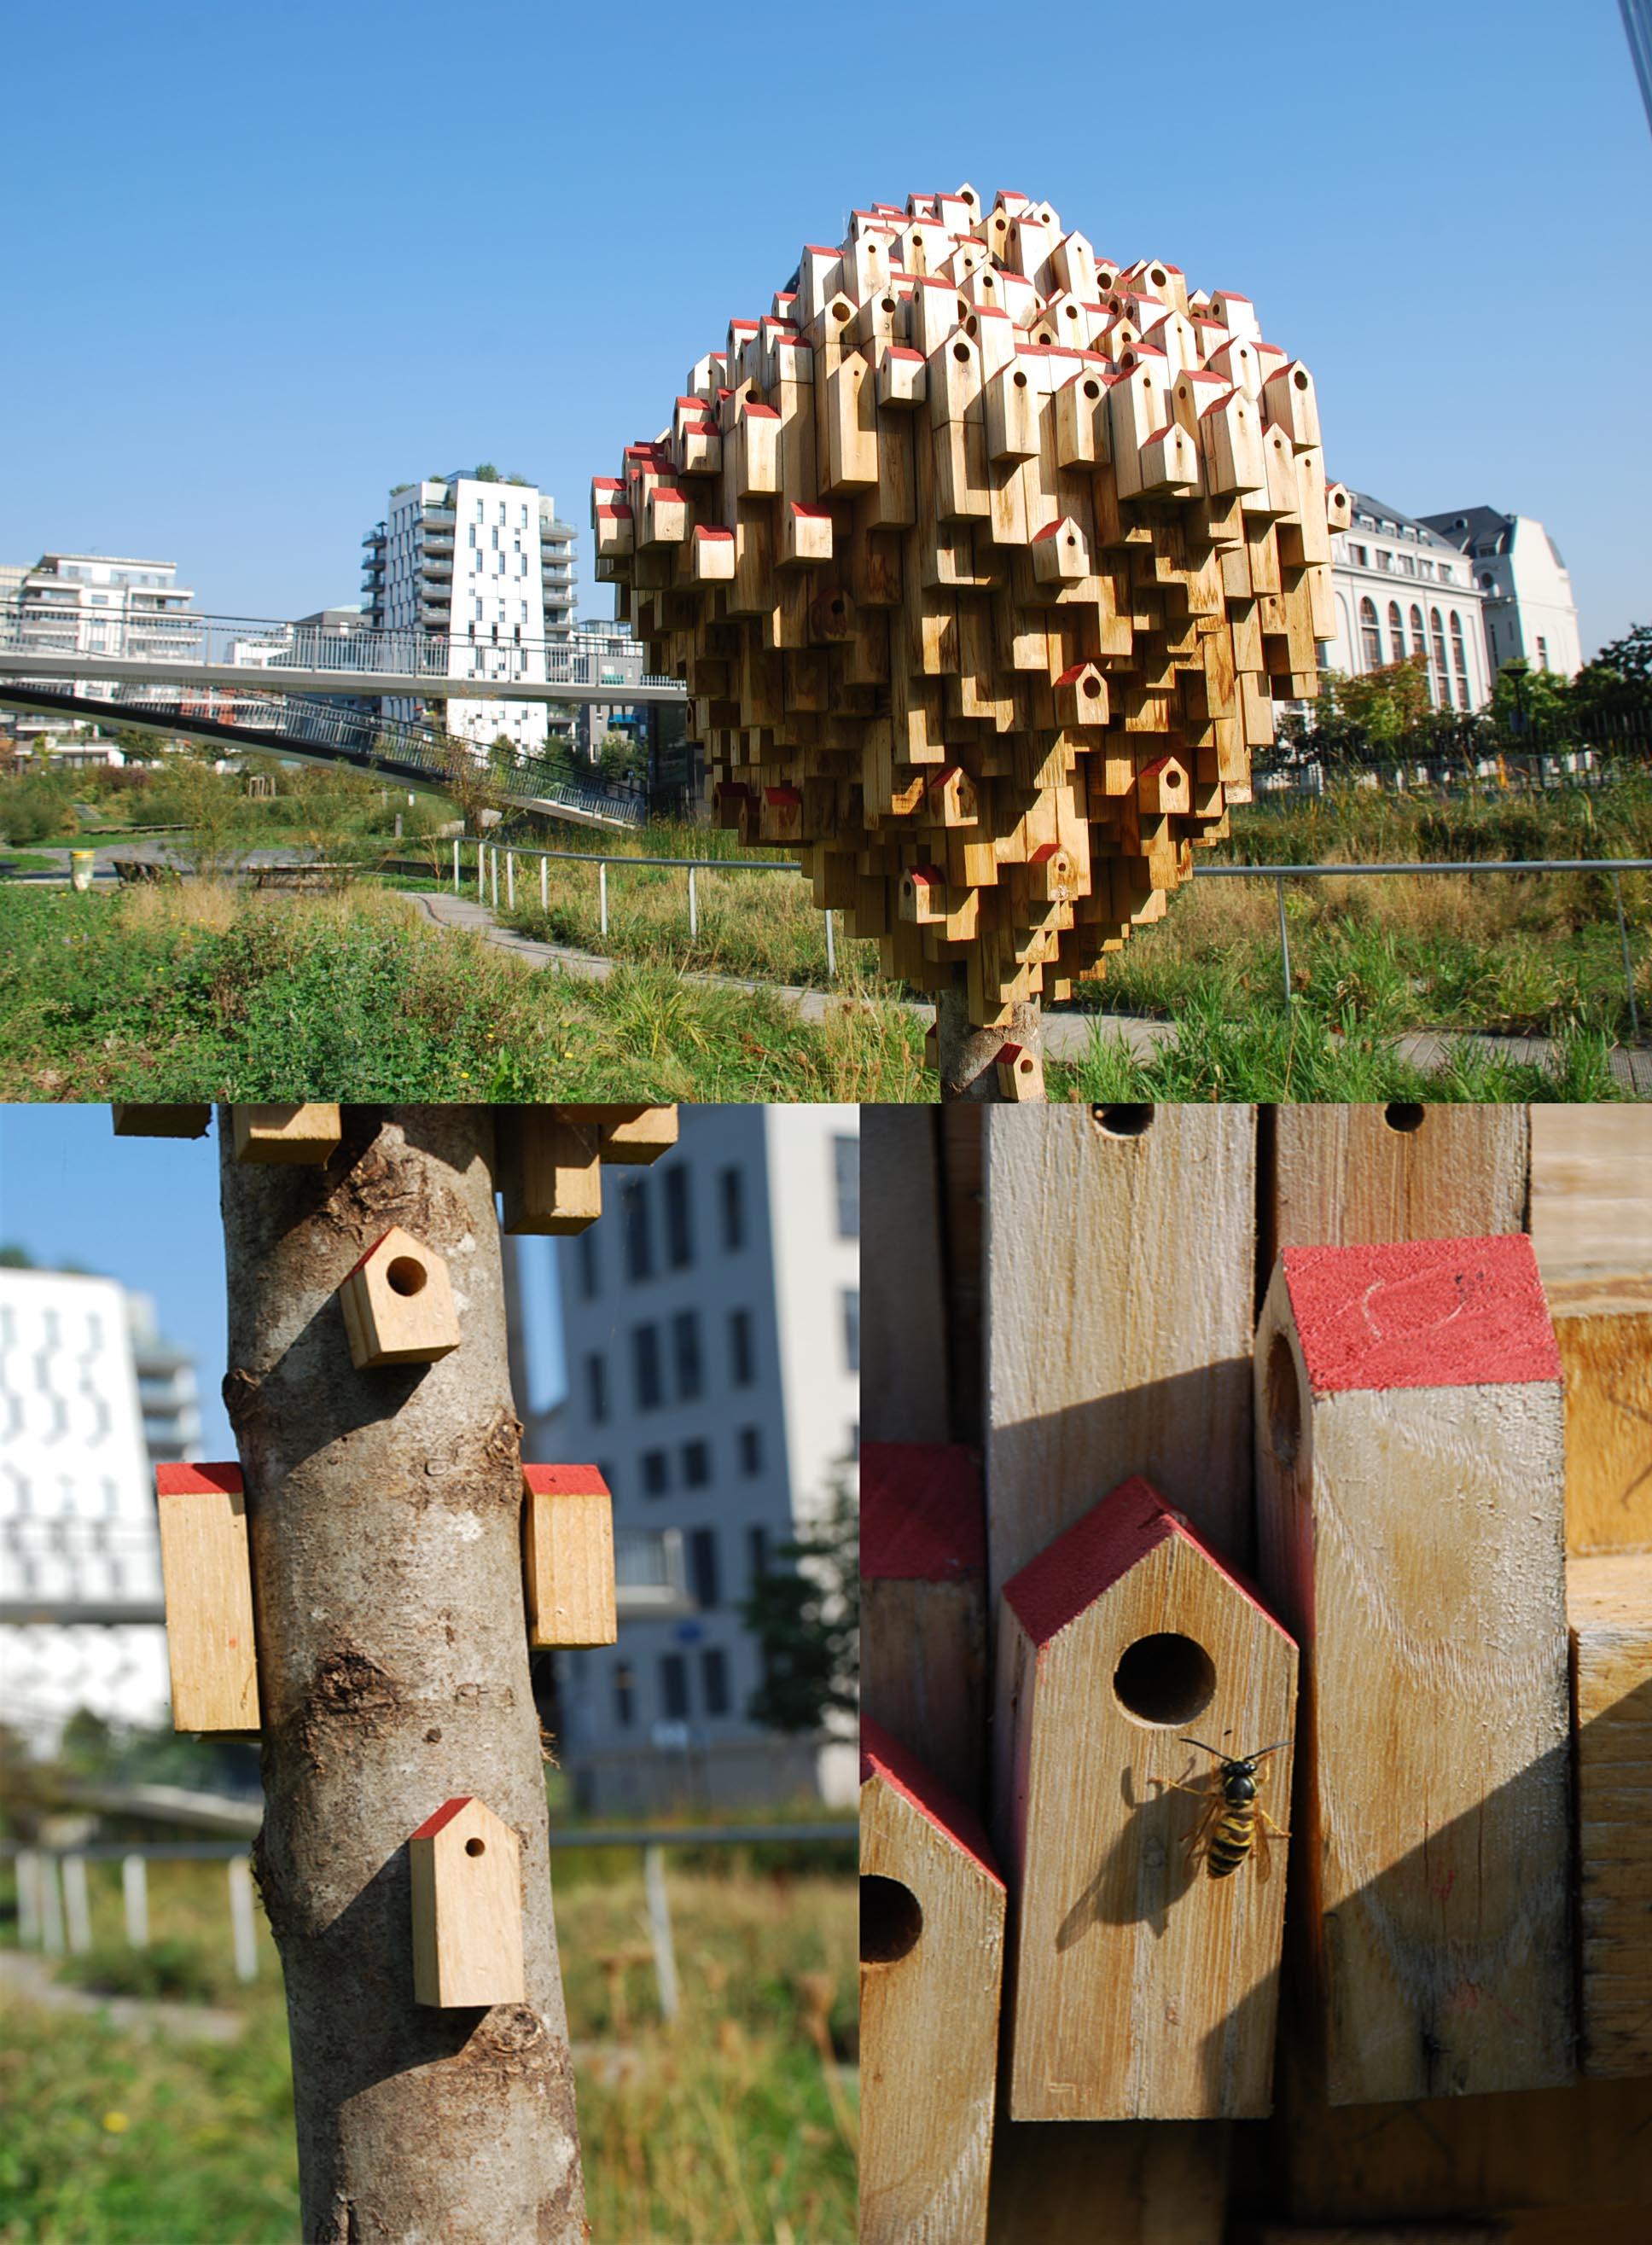 abri abeilles solitaires grands moulins paris